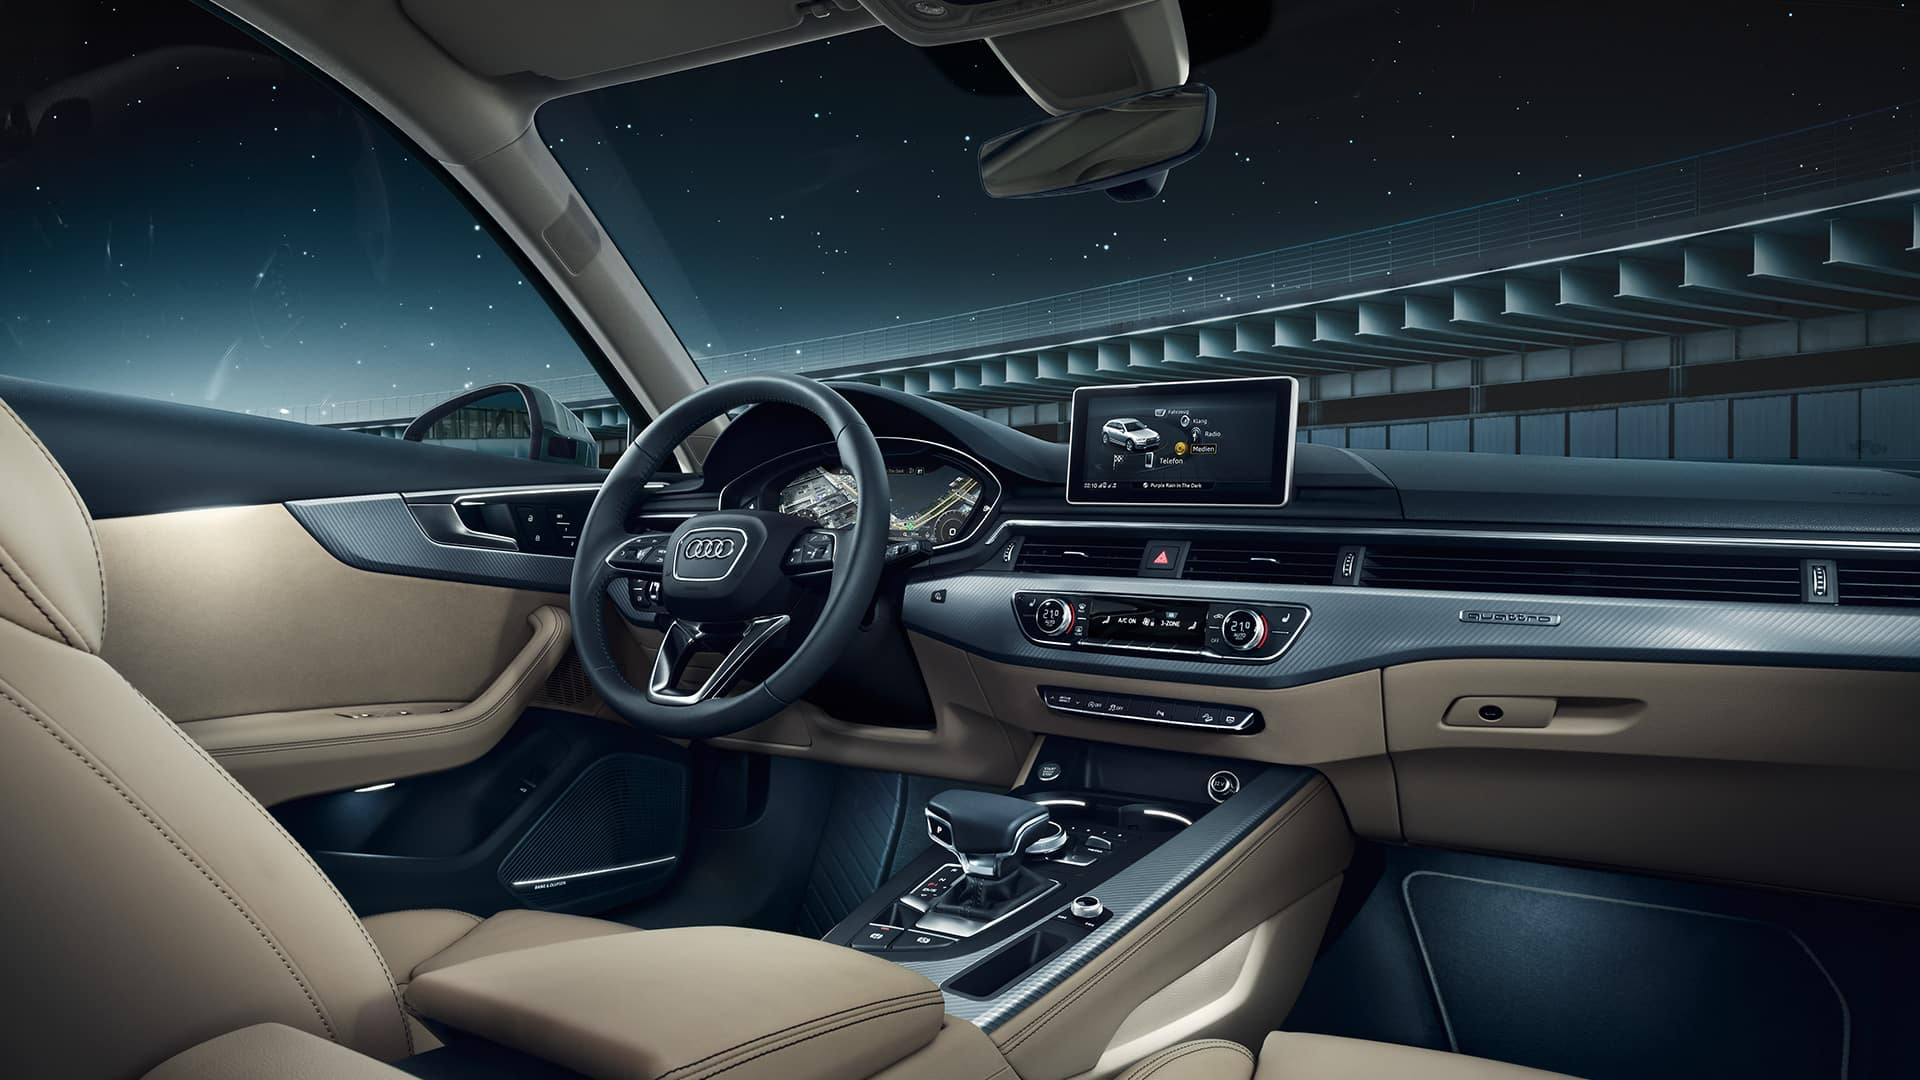 Audi A4 Allroad Quattro Gt A4 Gt Audi Belgi 235